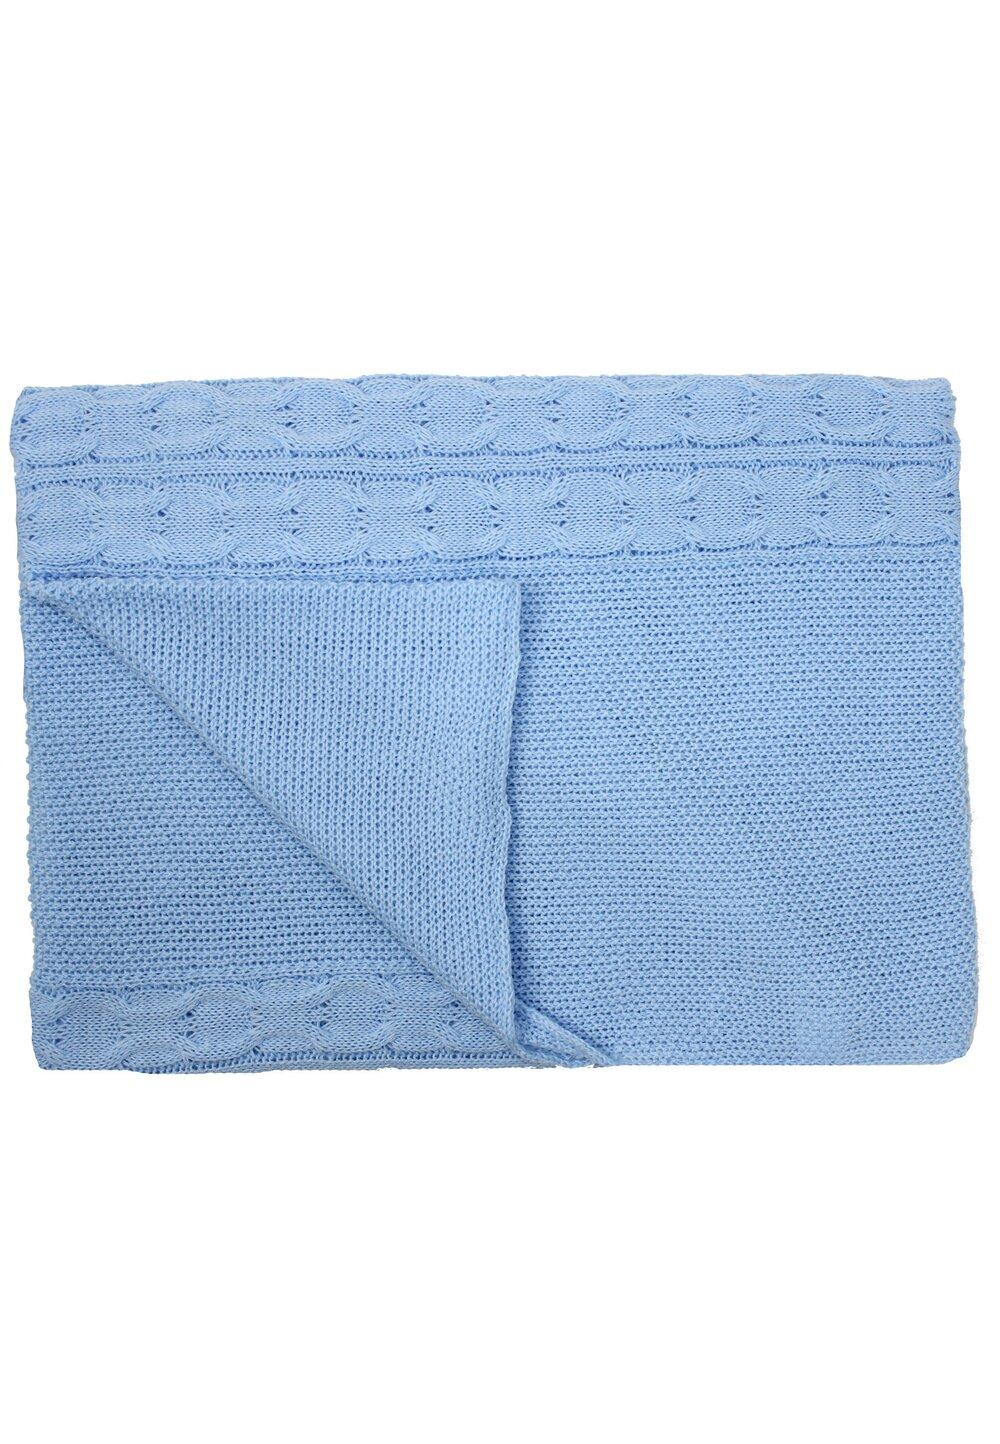 Paturica tricotata, Eva, albastra, 90x90cm imagine